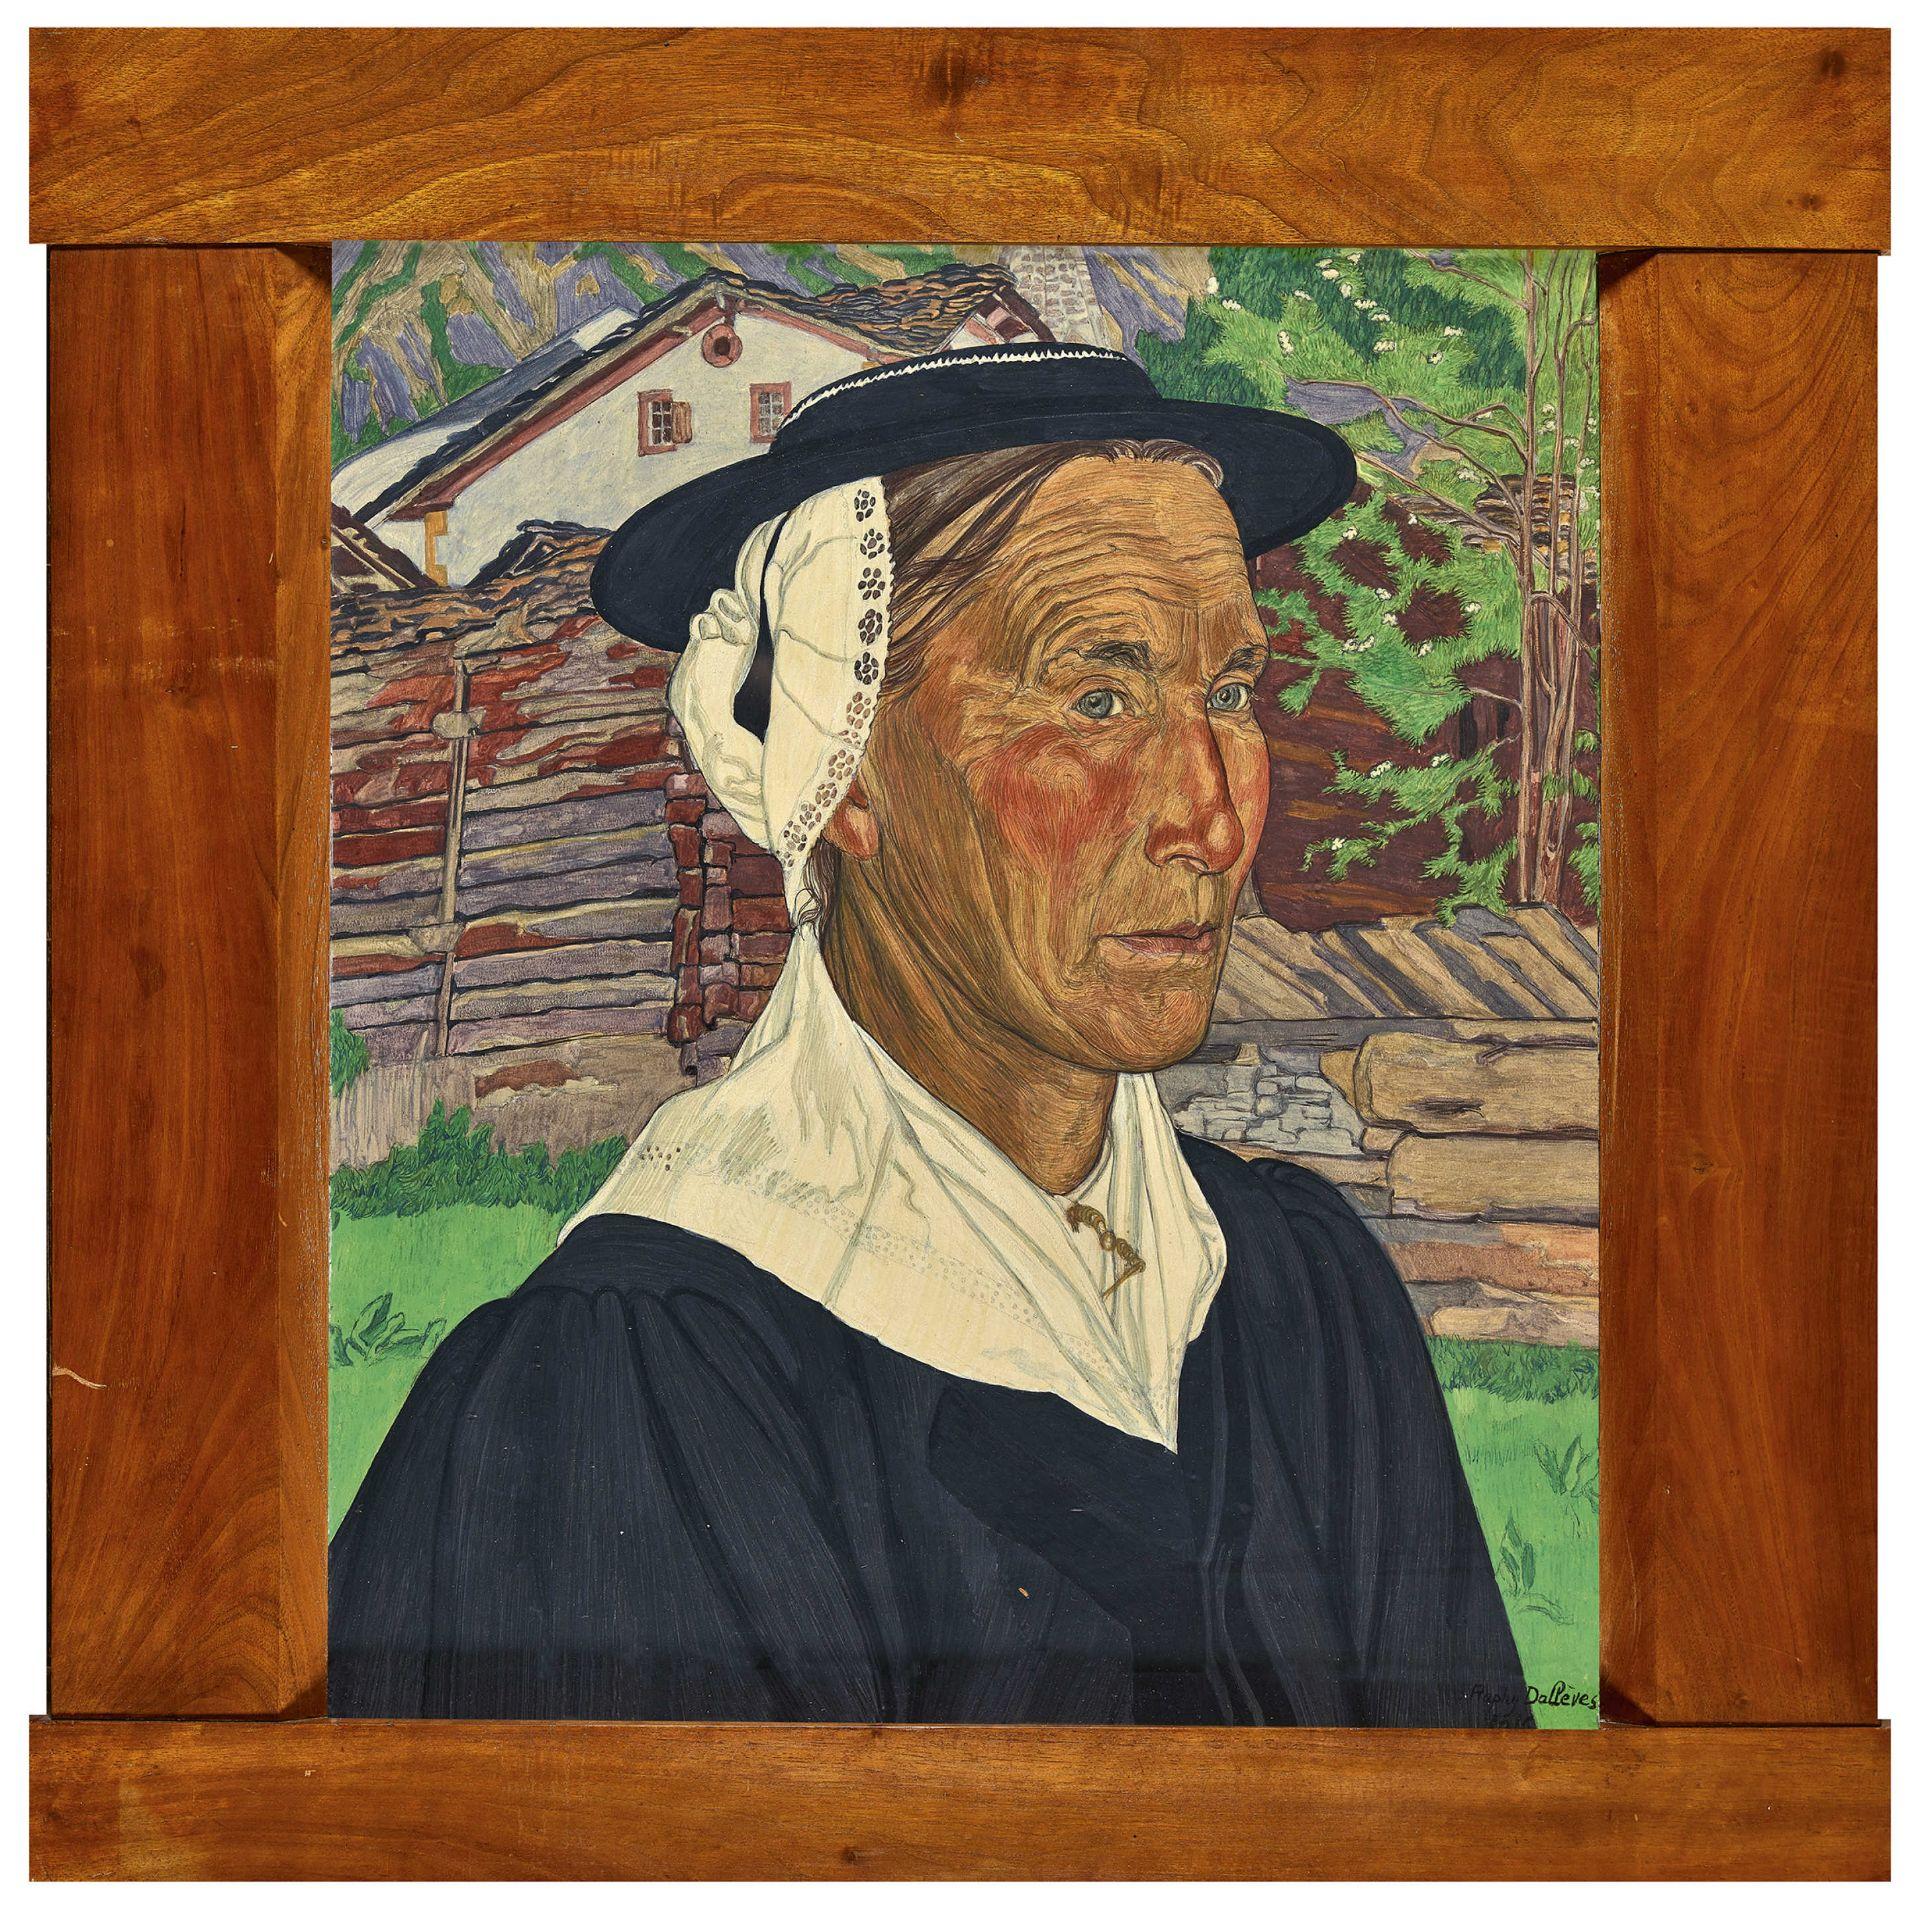 DALLÈVES, RAPHY: Portrait d'une valaisanne. - Image 2 of 4